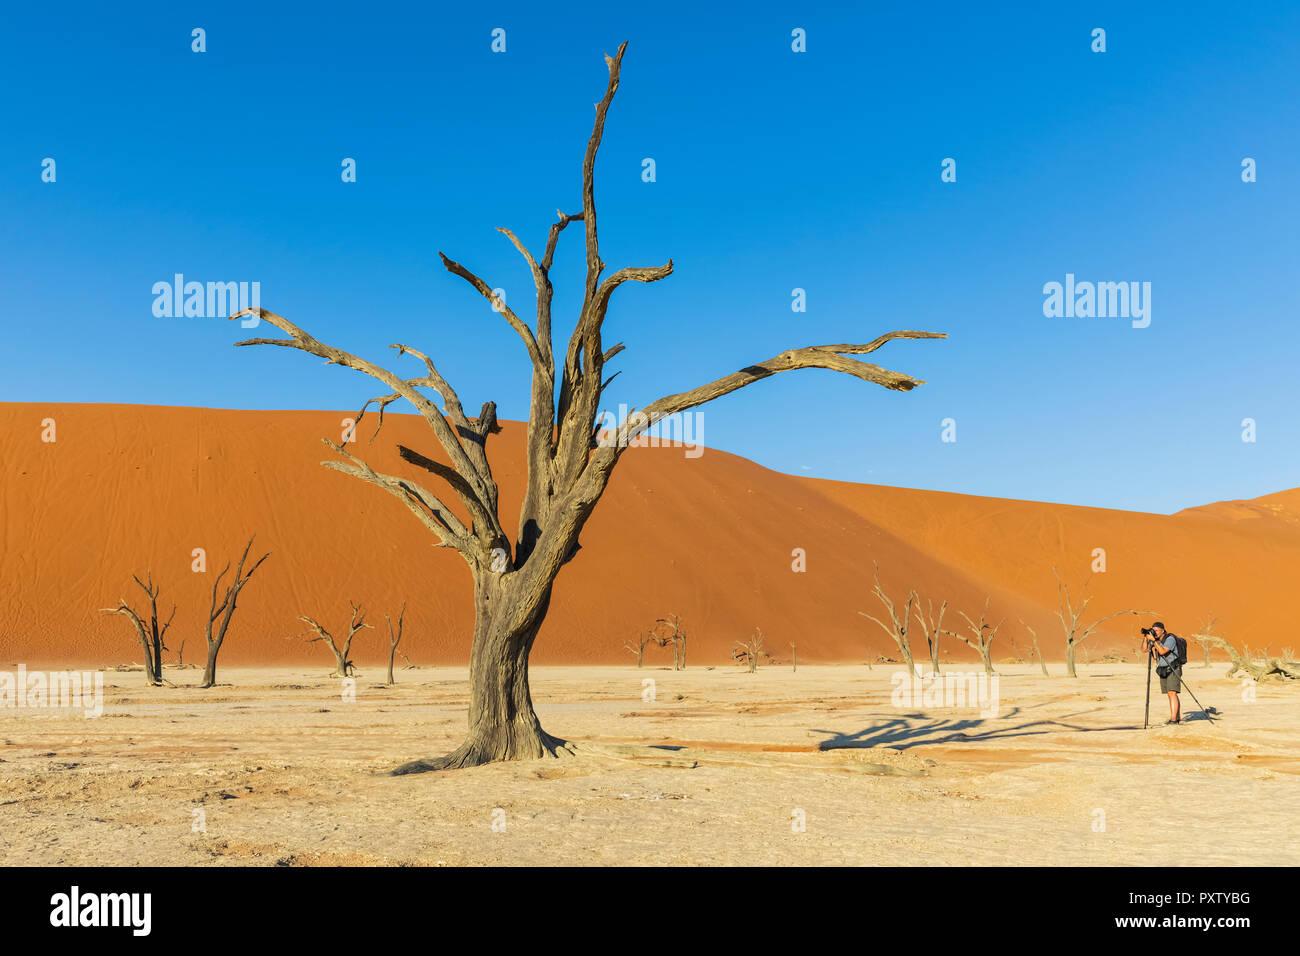 Africa, Namibia, Namib desert, Naukluft National Park, - Stock Image